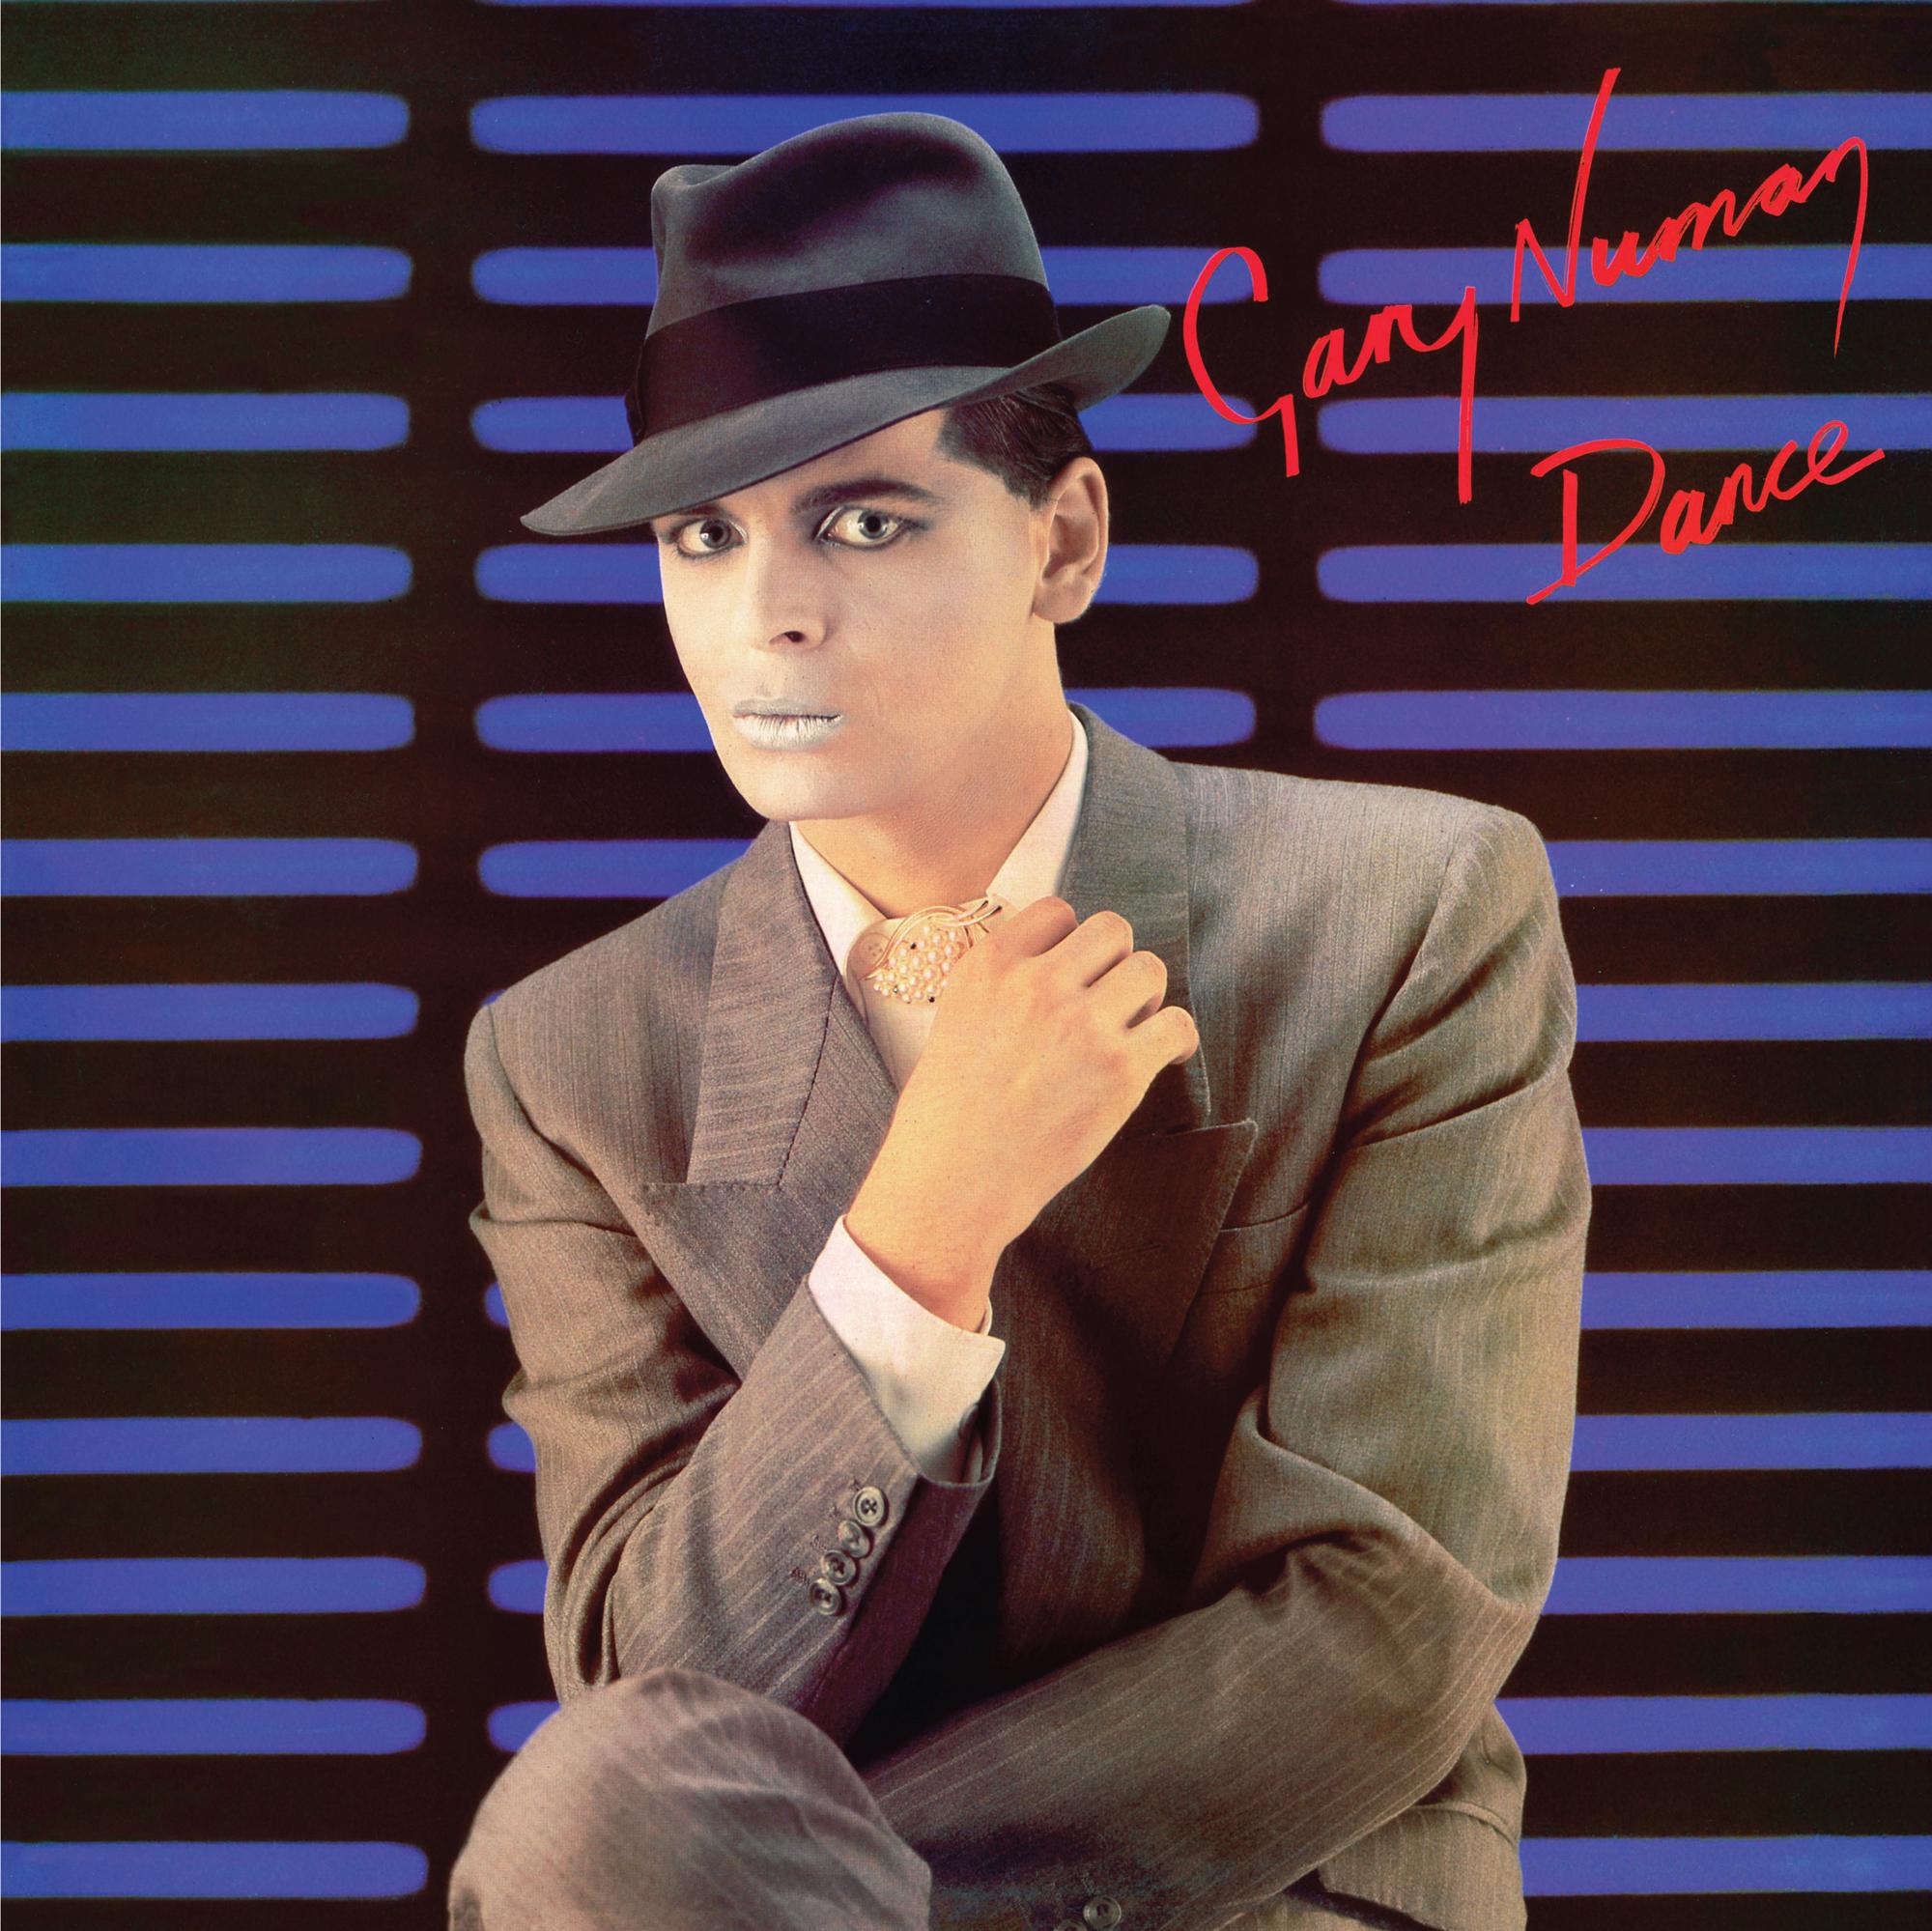 Numan Gary Dance Vinyl Reissue The Arkive